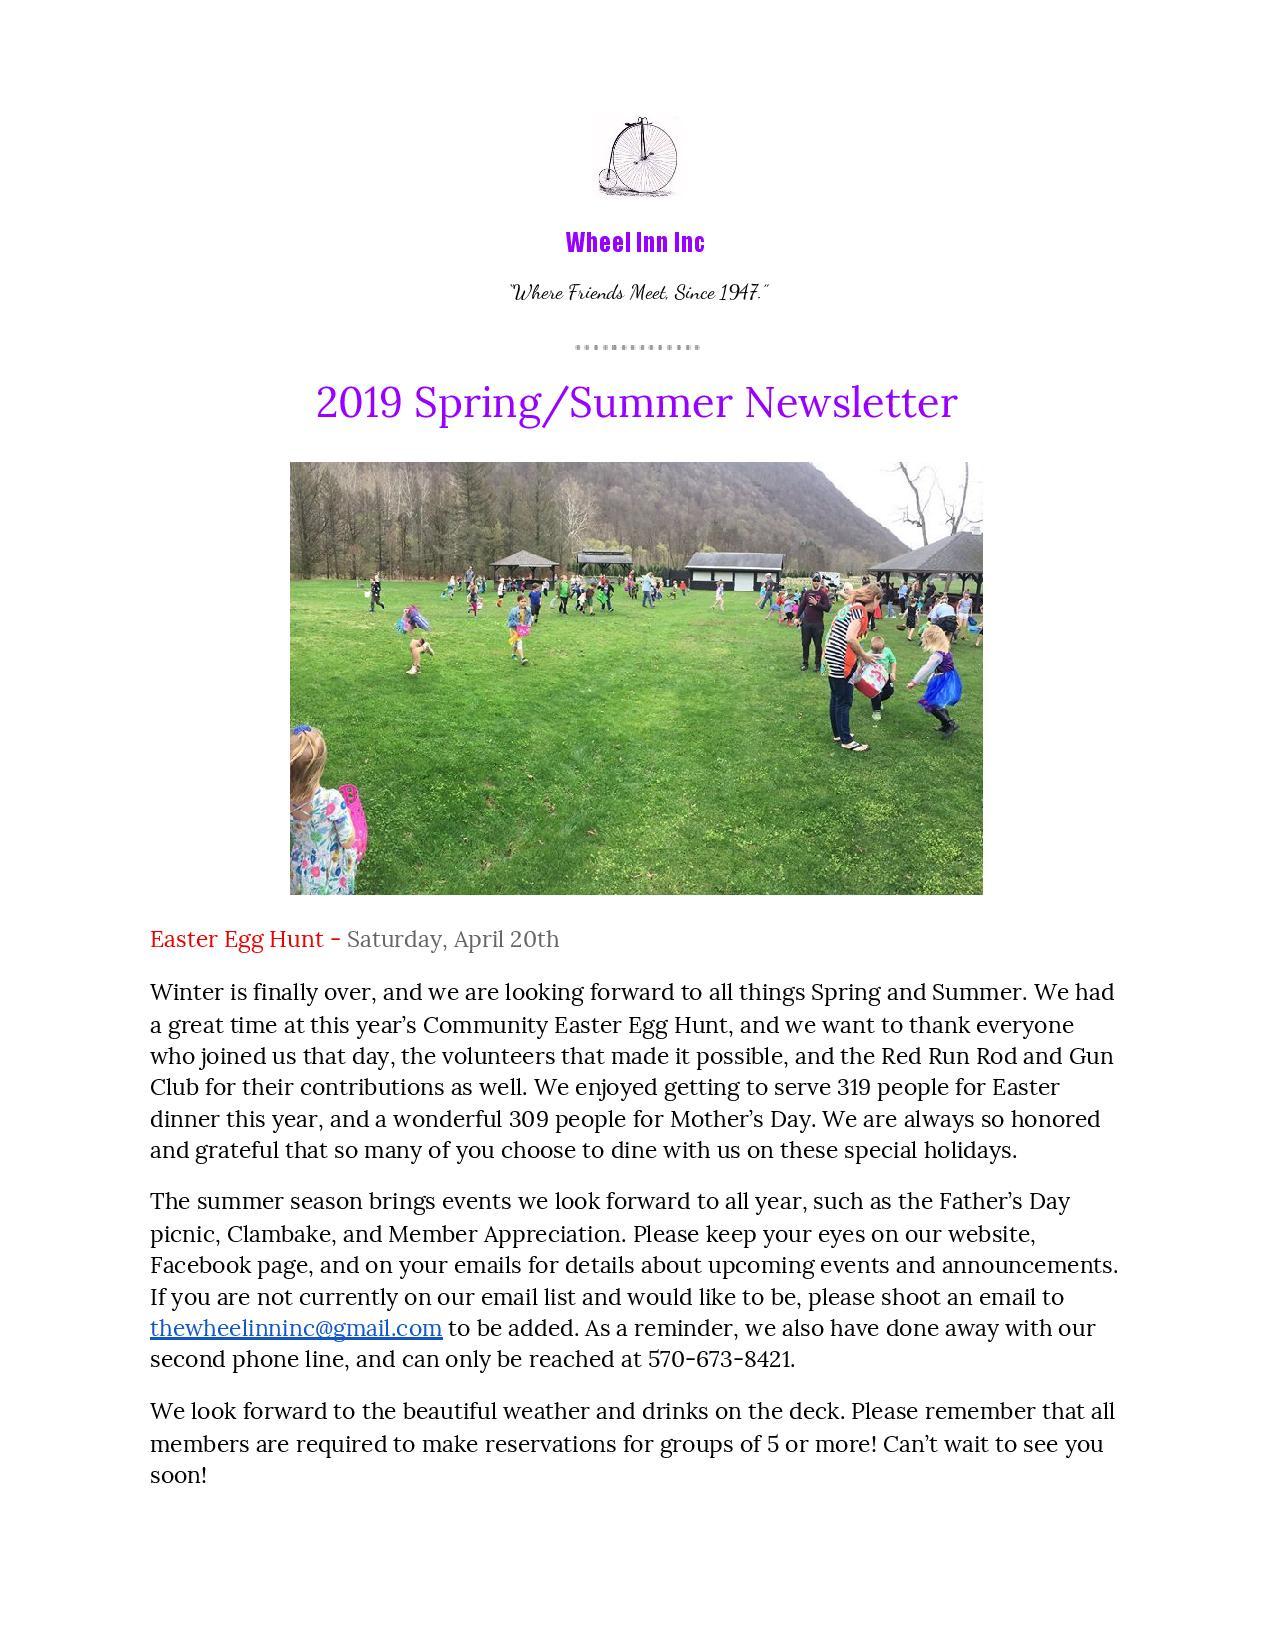 SprSmr 19 Newsletter-page-001.jpg